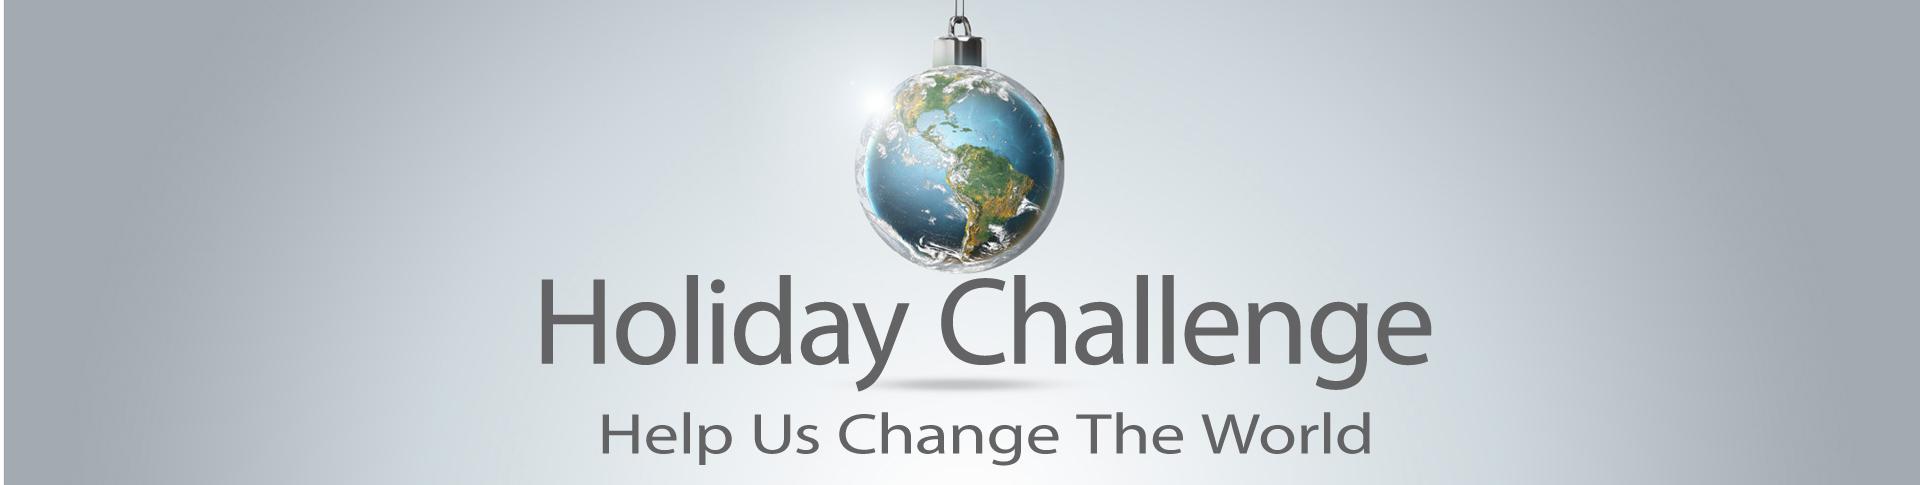 ChangetheWorldHolidayChallenge1920x485